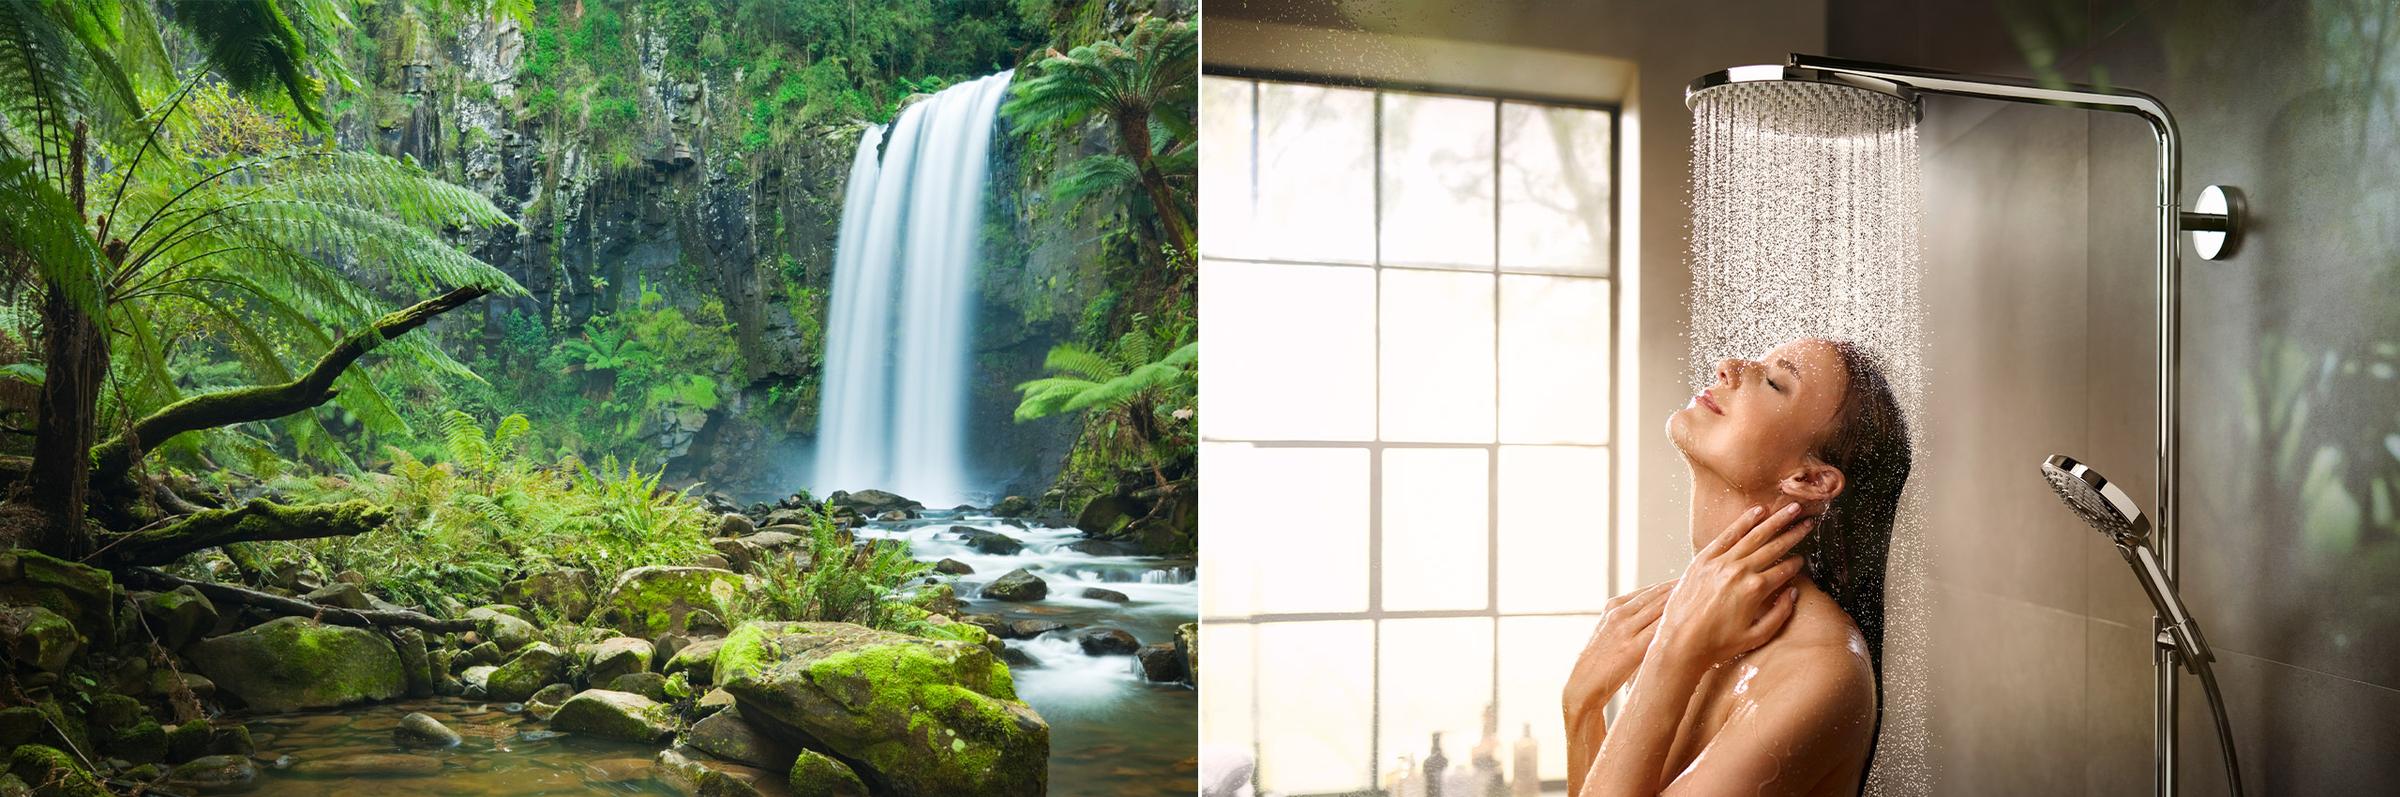 Duurzame badkamer - Duurzame badkamer